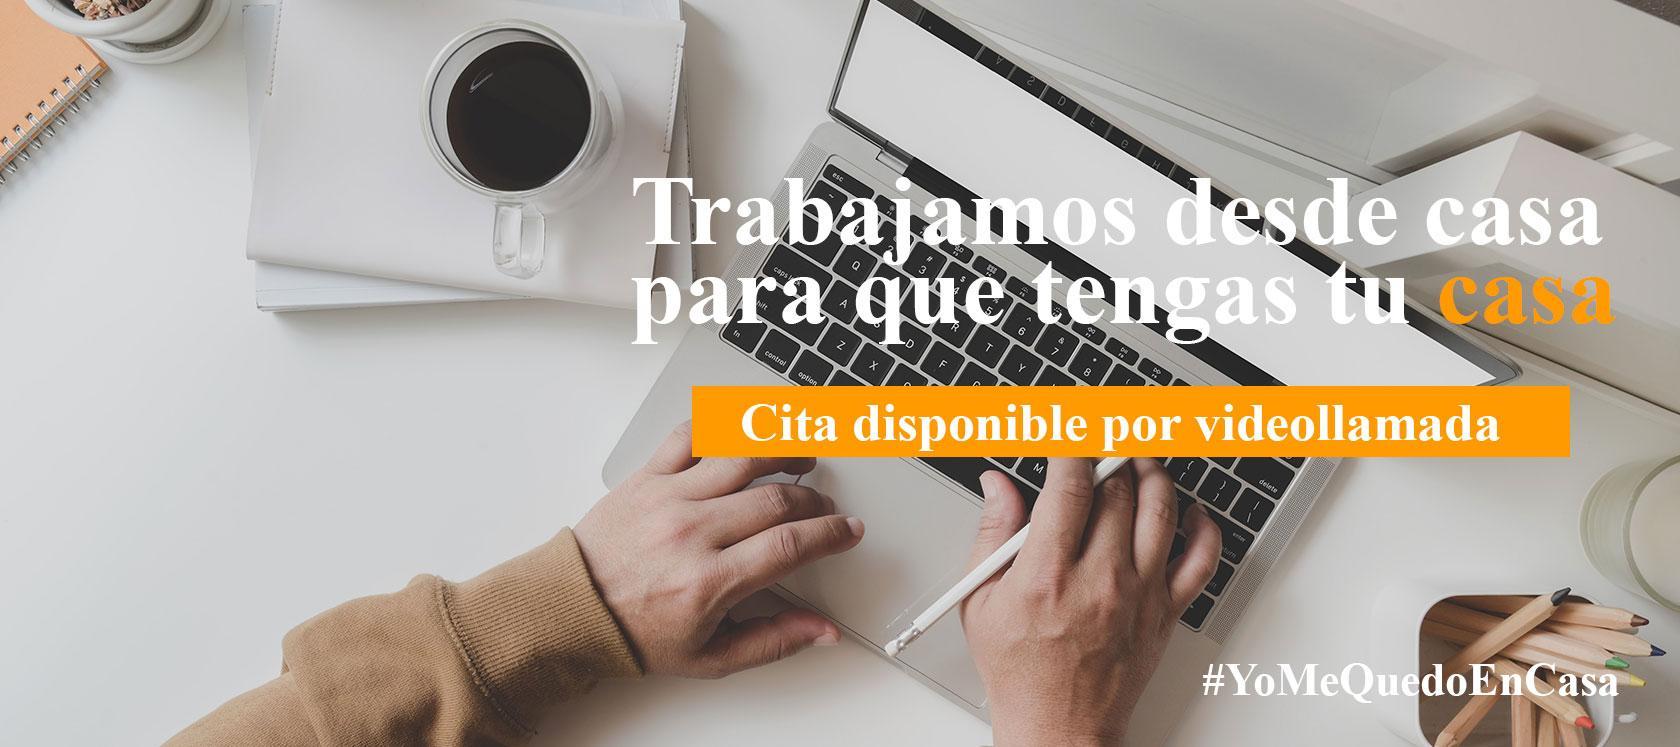 Promociones de obra nueva Málaga celere-navis-teatinos